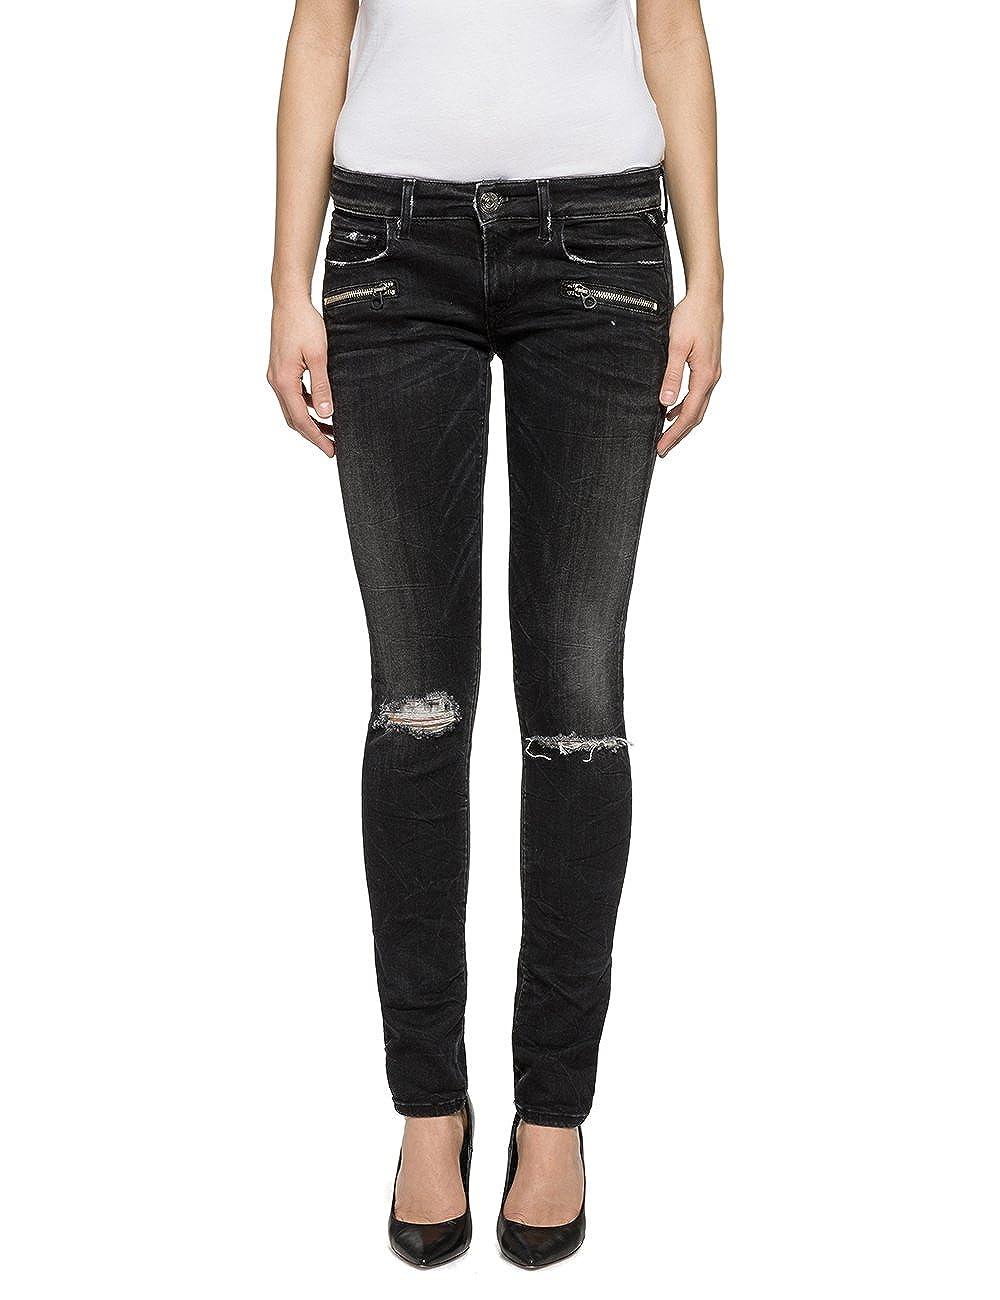 TALLA 27W / 34L. REPLAY Brigidot Jeans para Mujer